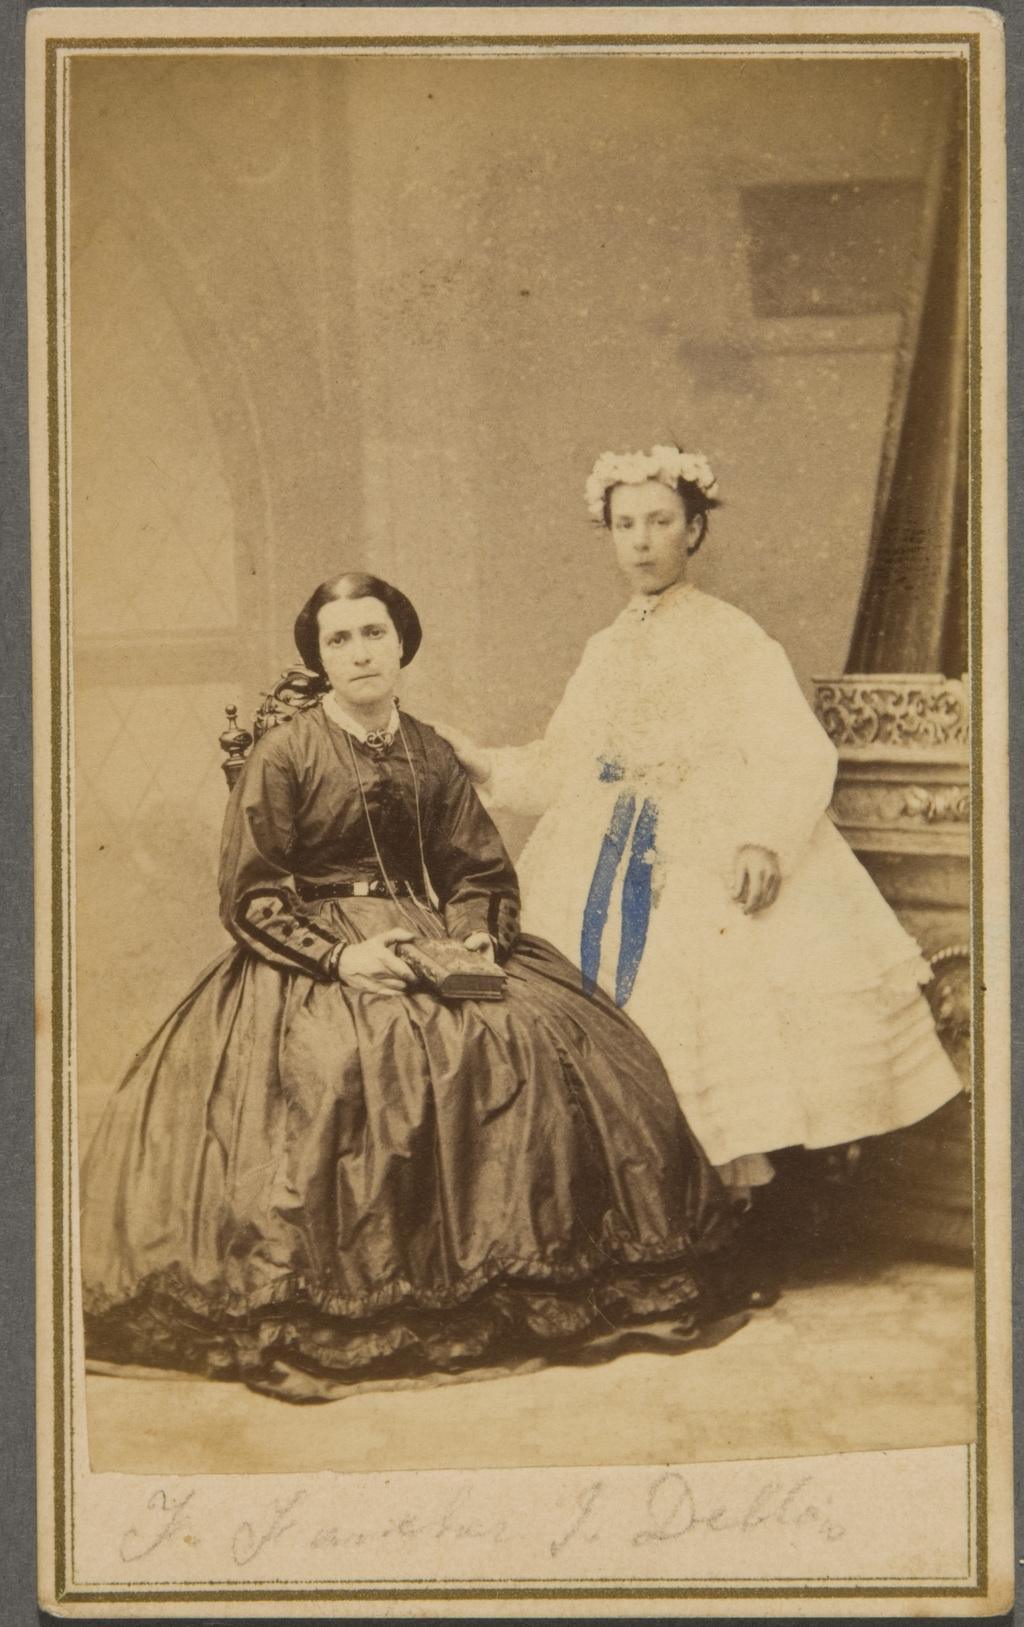 Flore-Flavie Faucher et sa nièce Mathilda De Blois en communiante